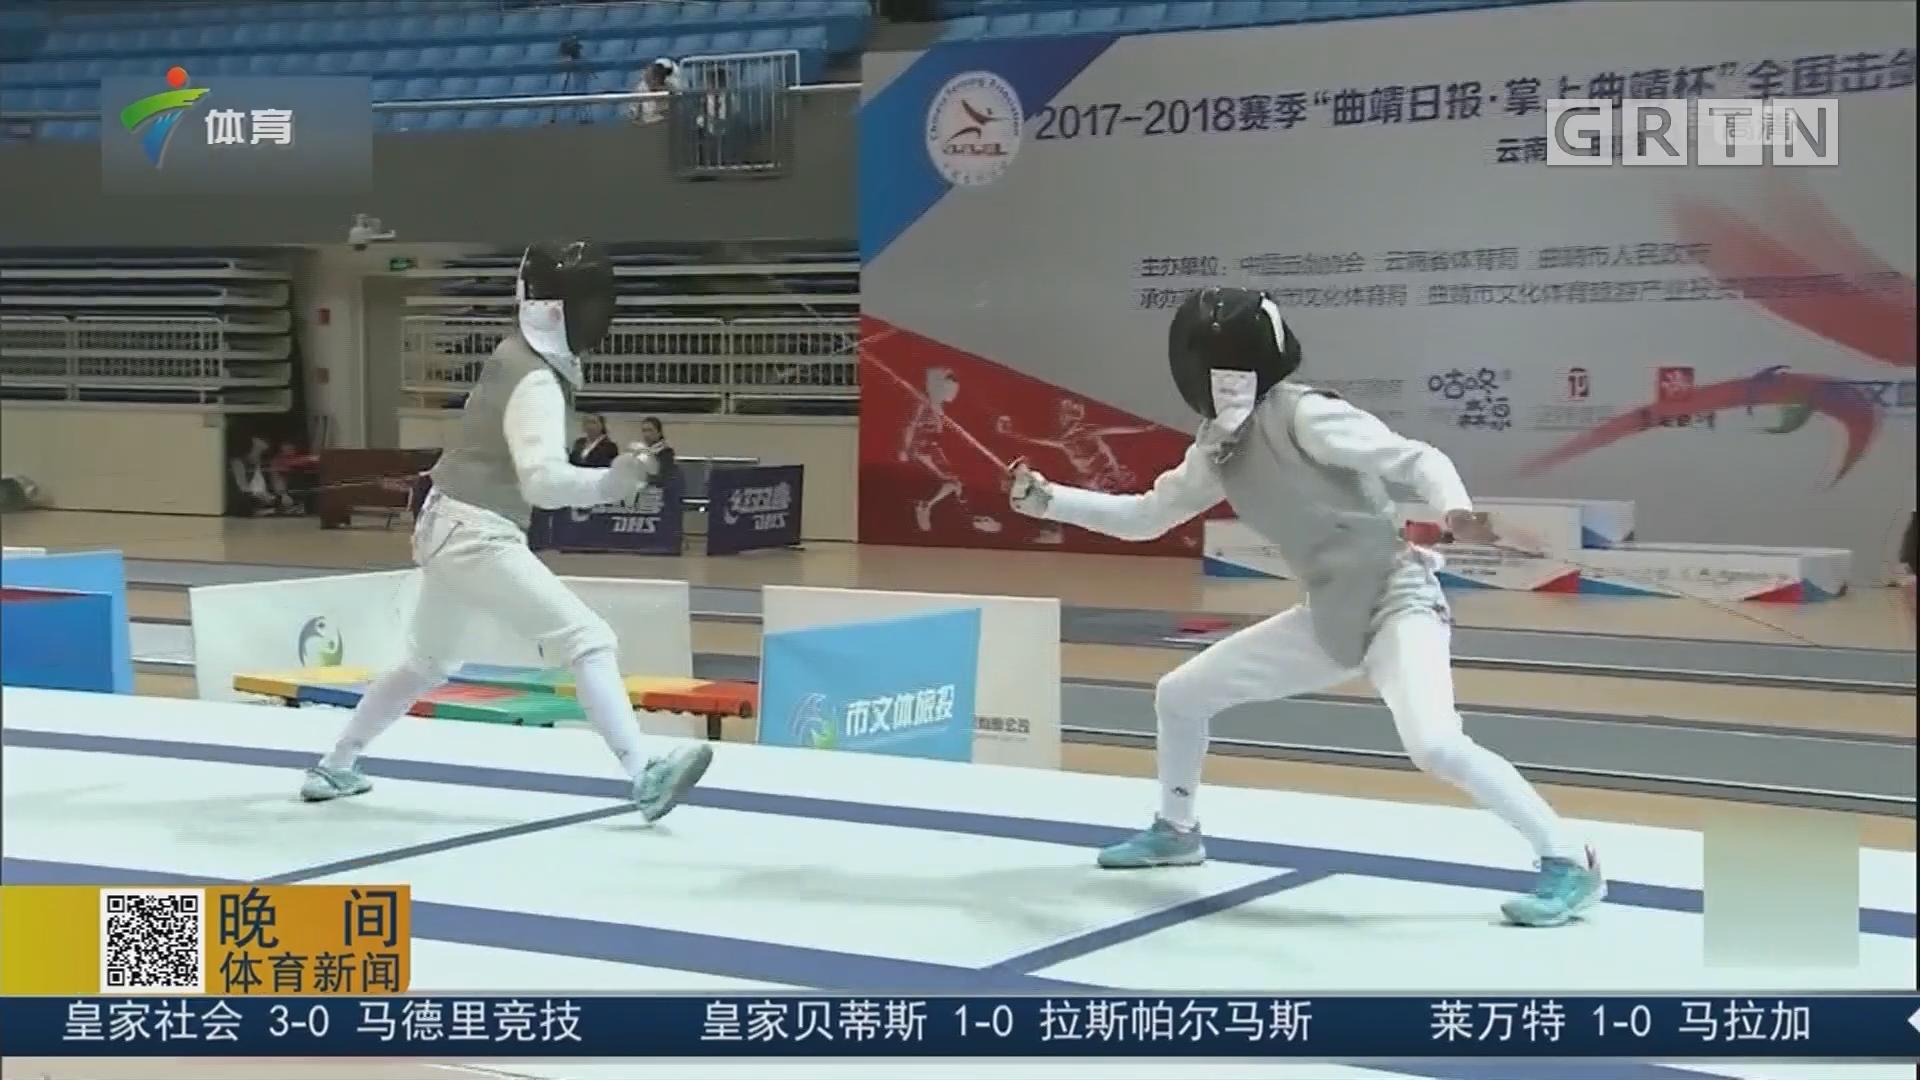 击剑全国冠军赛 广东选手郑燕华获得女佩青年组冠军